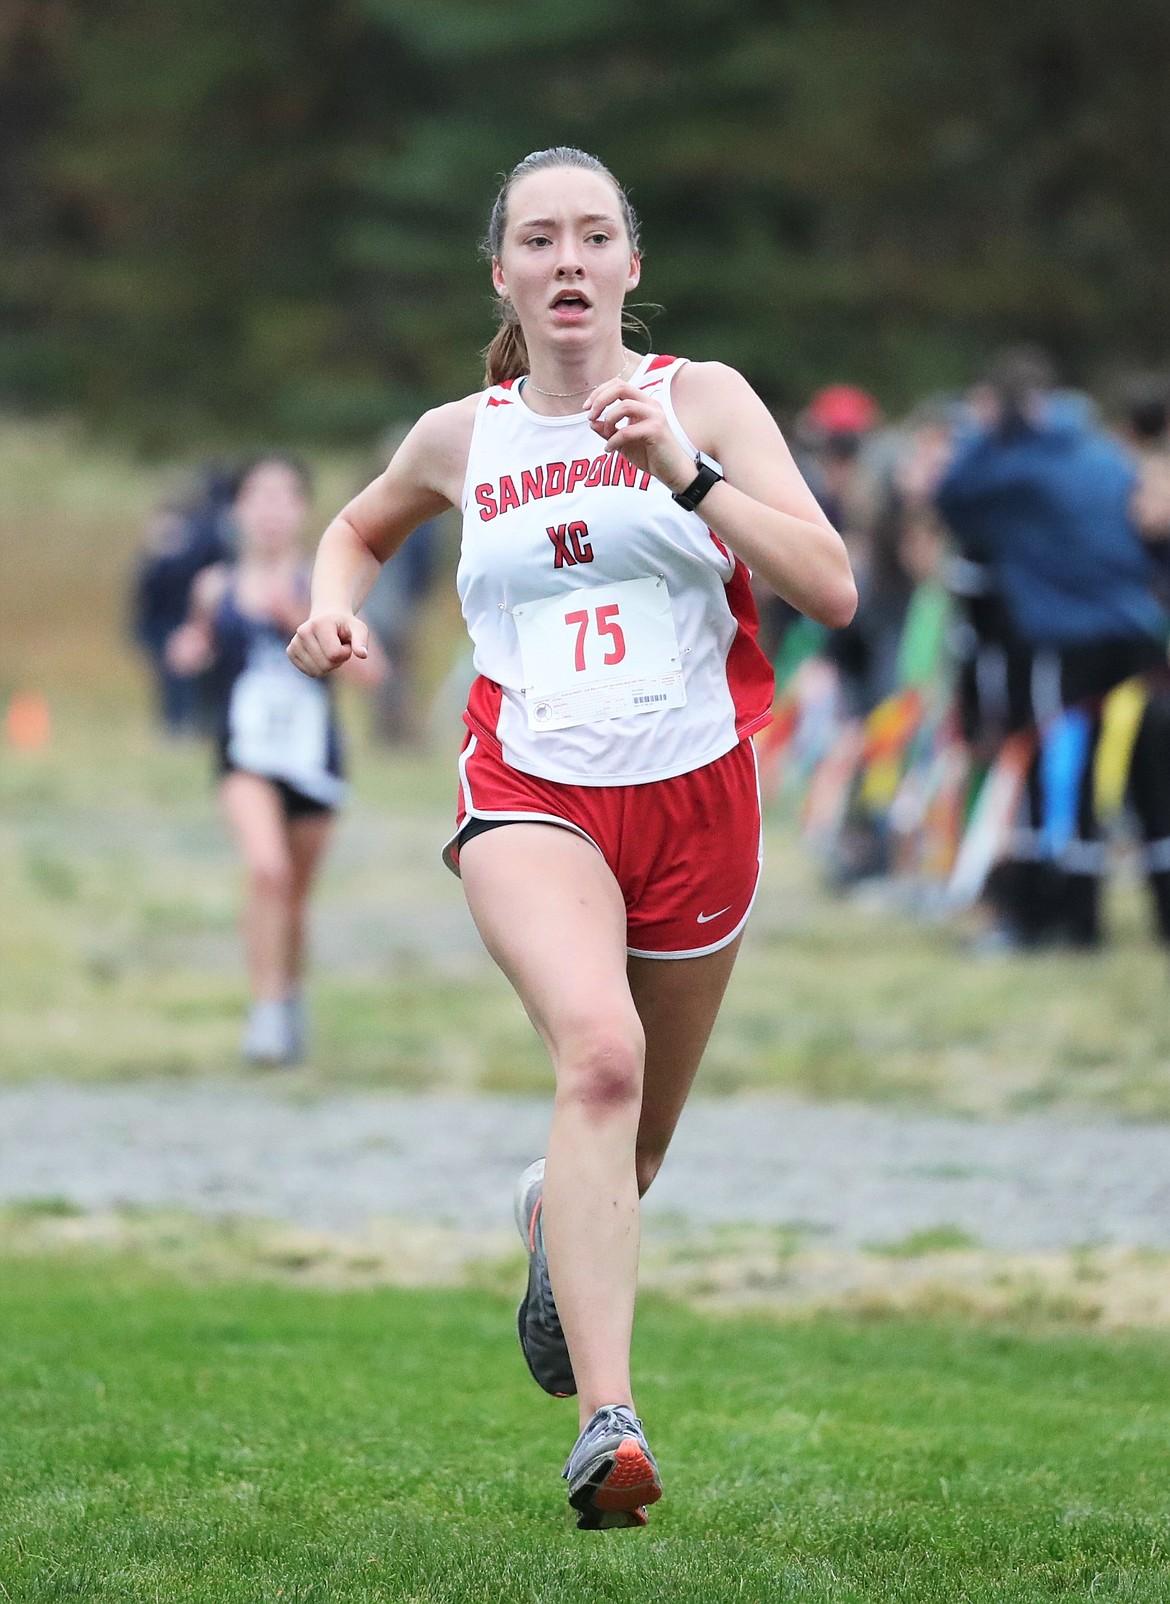 Terra Bode nears the finish of the girls JV race.